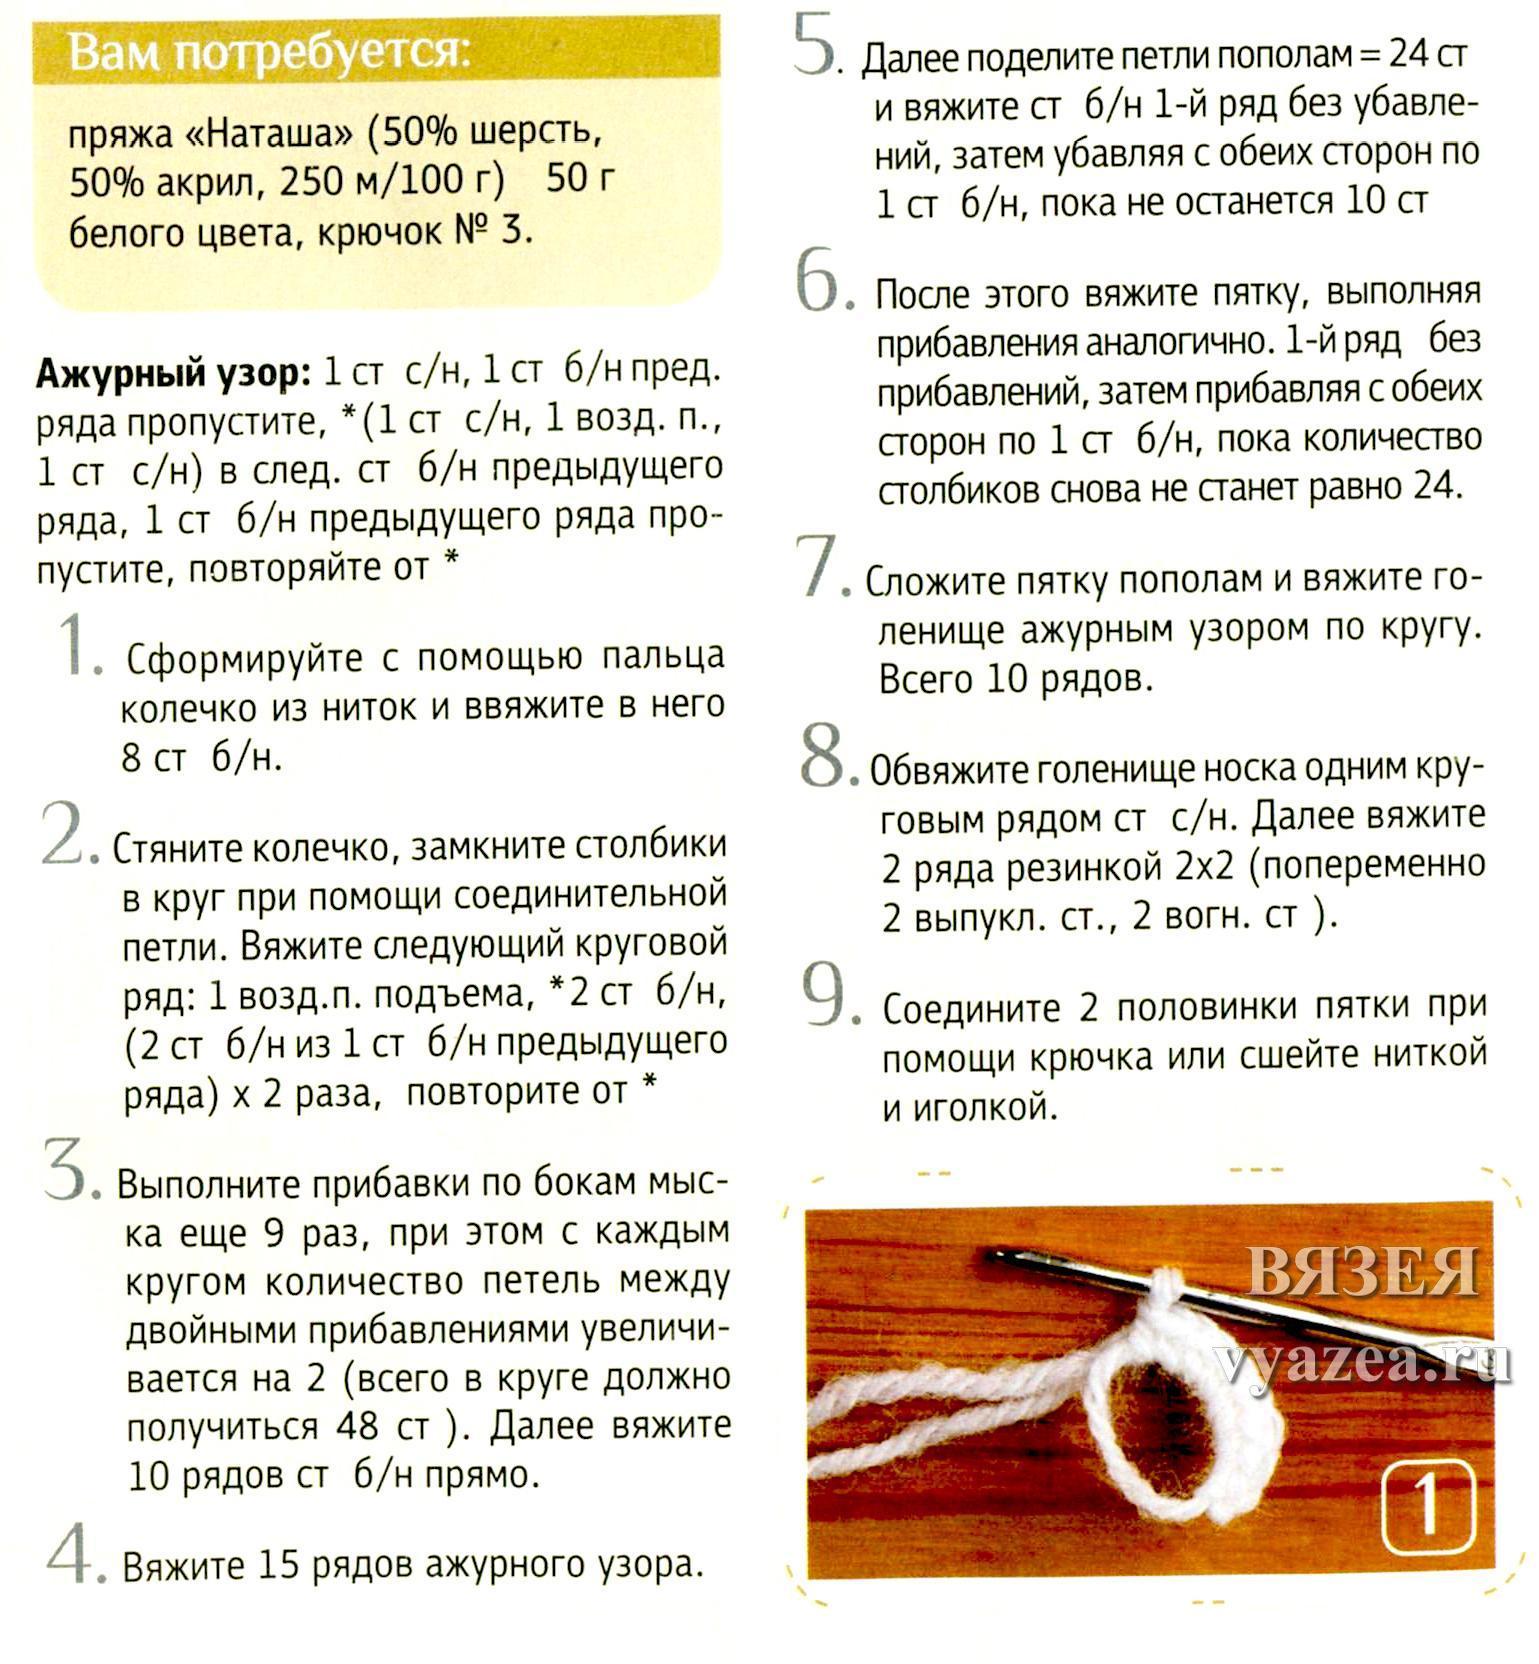 Вязание крючком от мыска